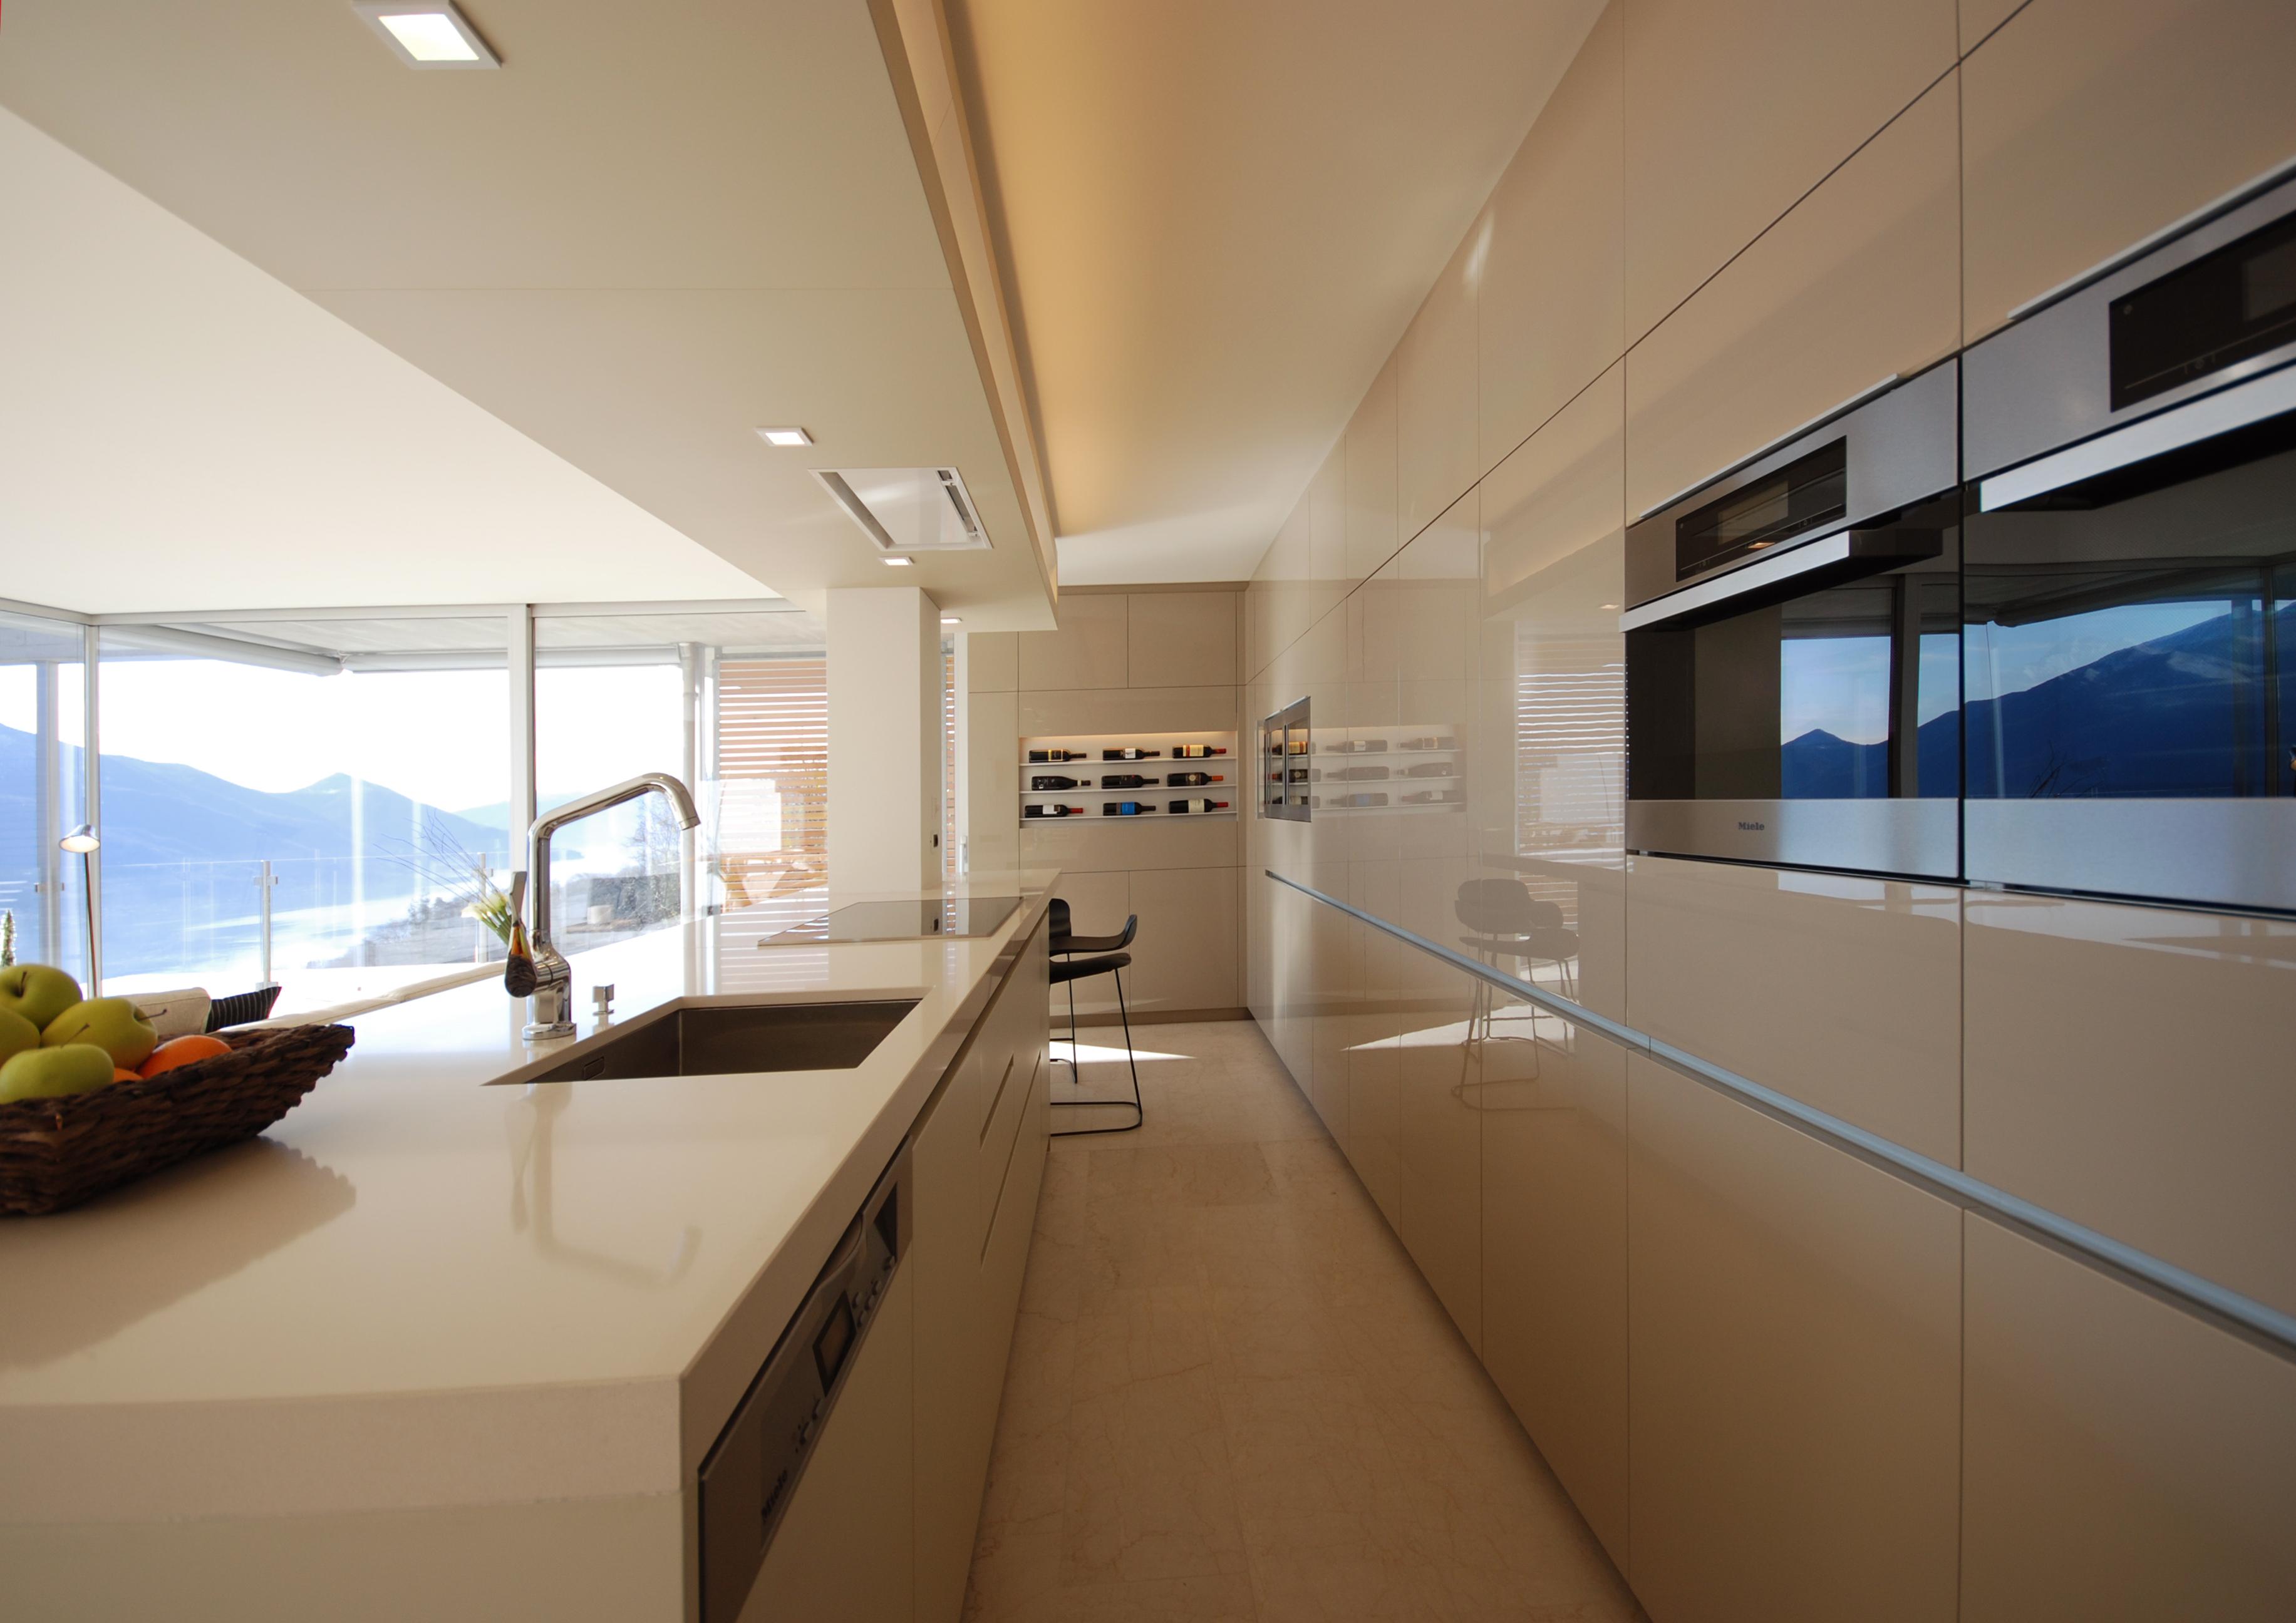 Küche - Bogen Design, Innenarchitektur